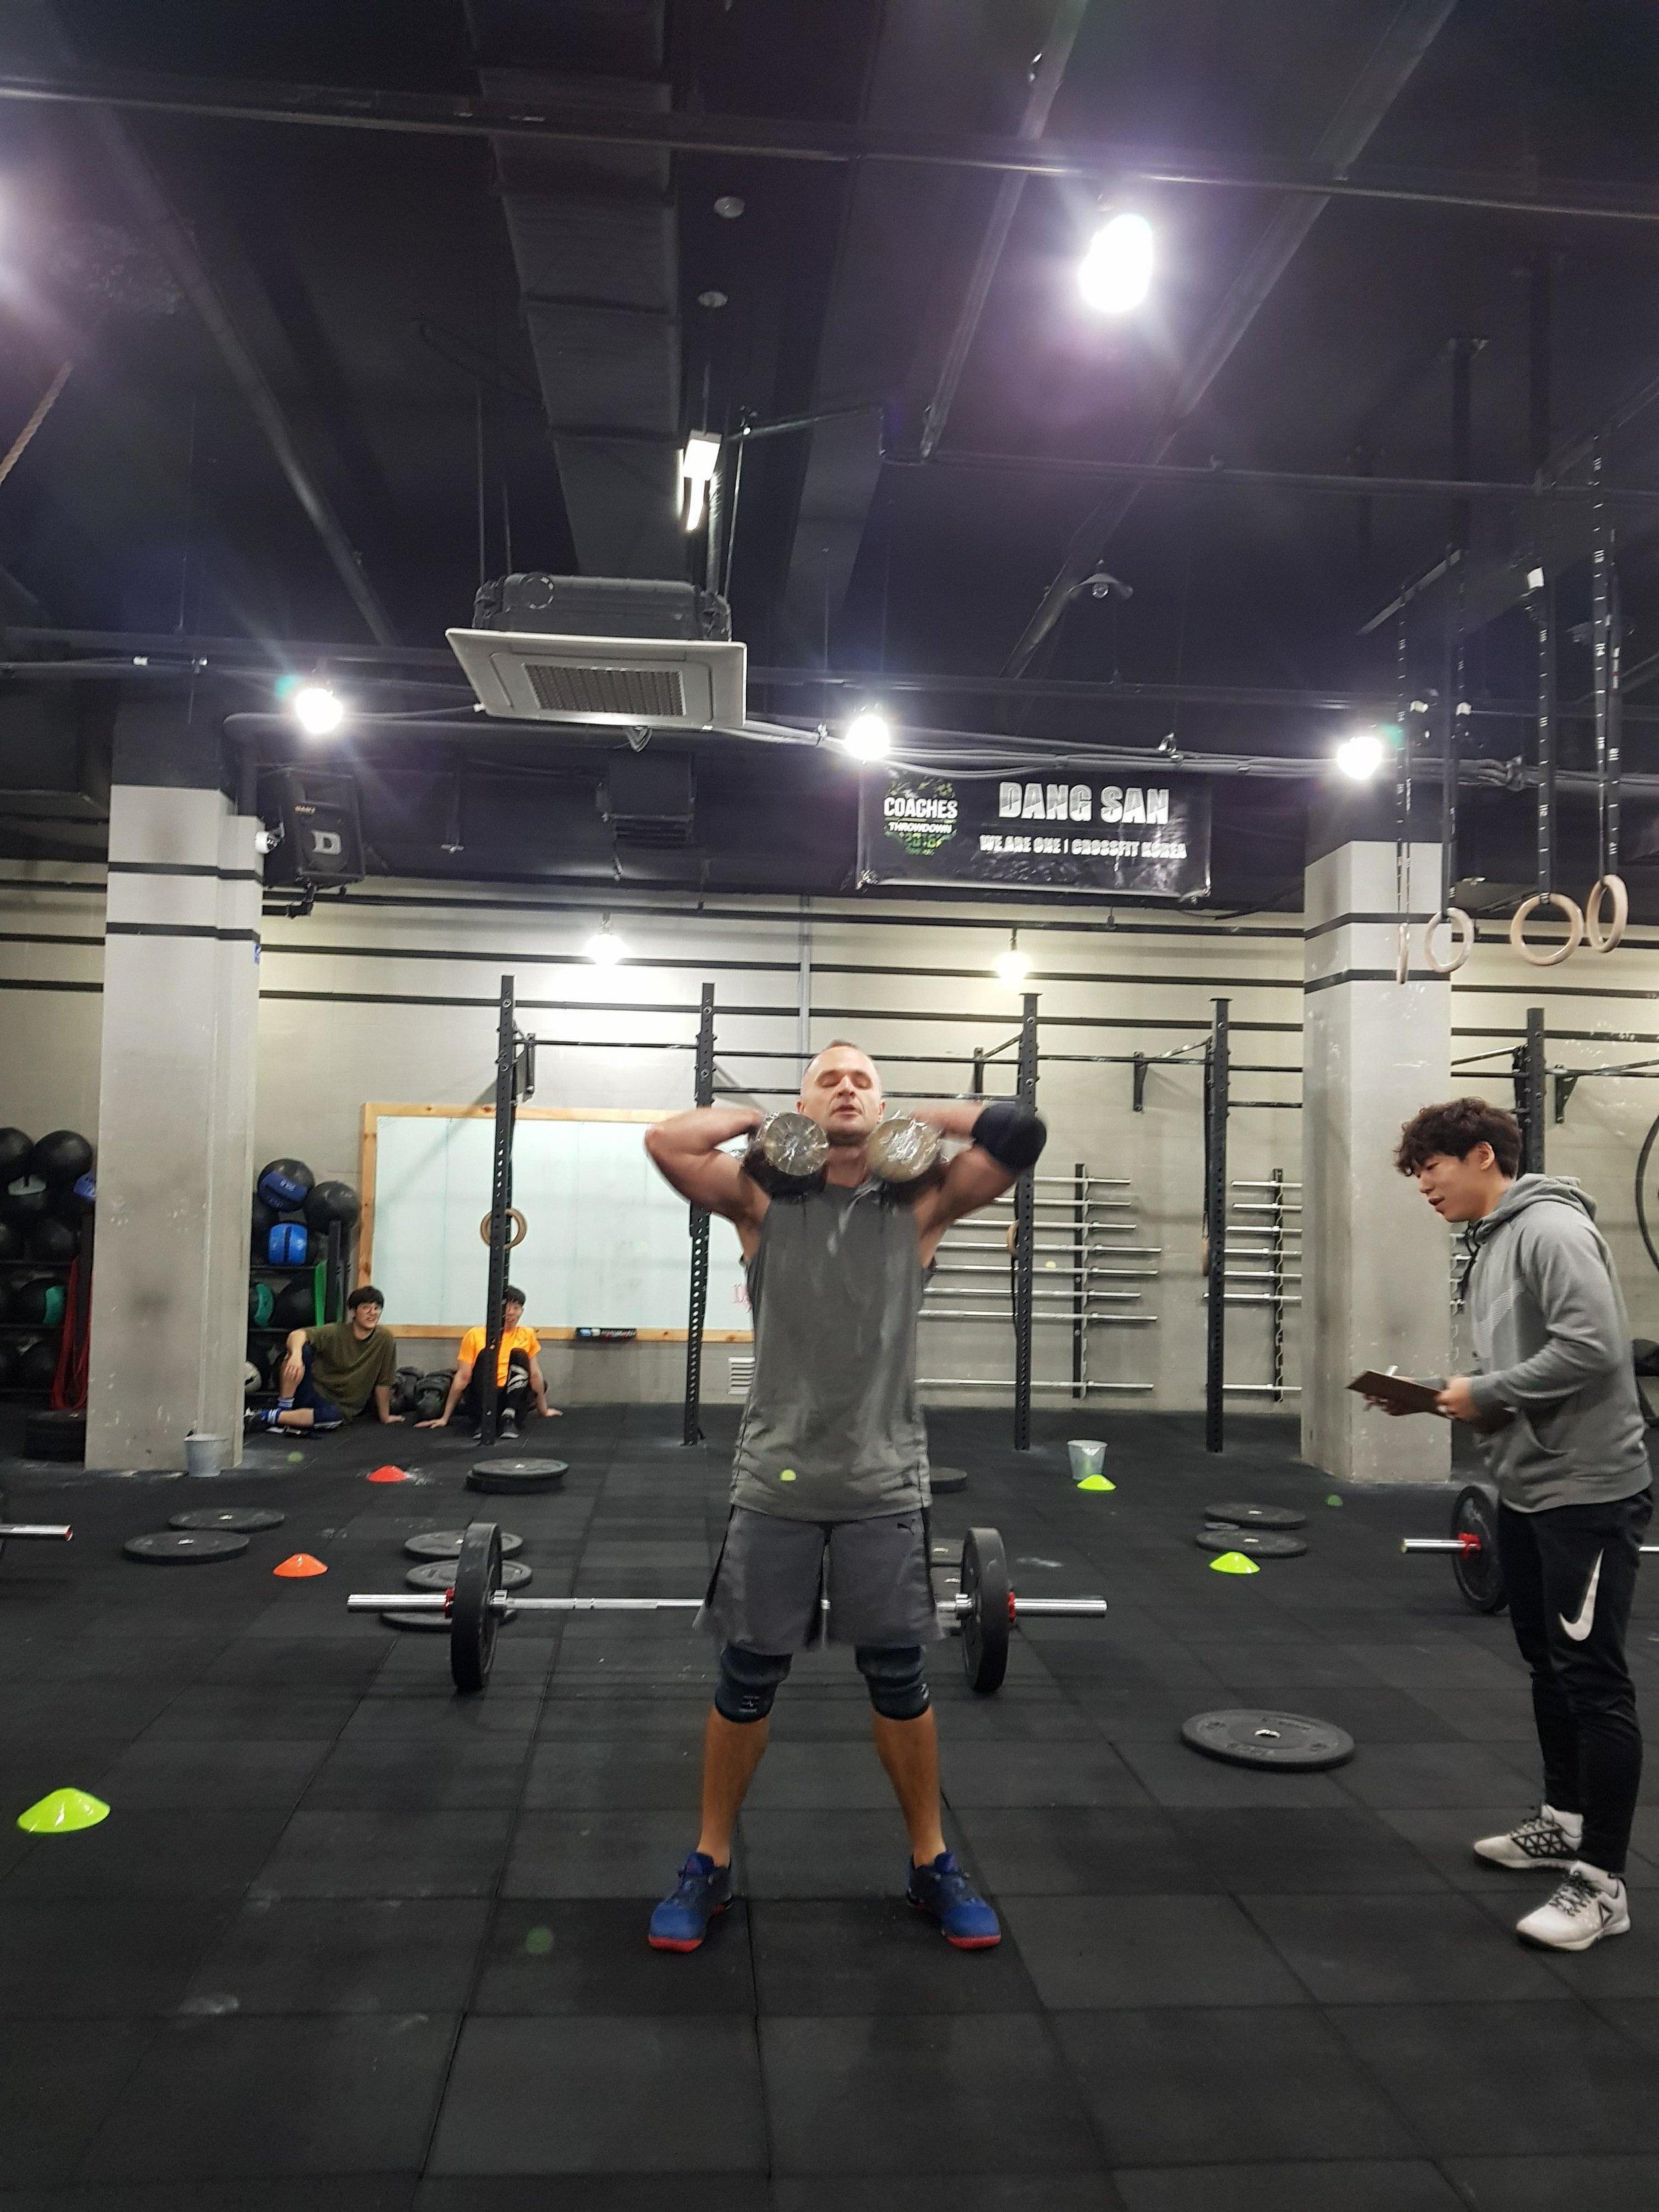 Matt P. hitting 18.2 on the road at CrossFit Dang San in Seoul, South Korea. Pretty cool!